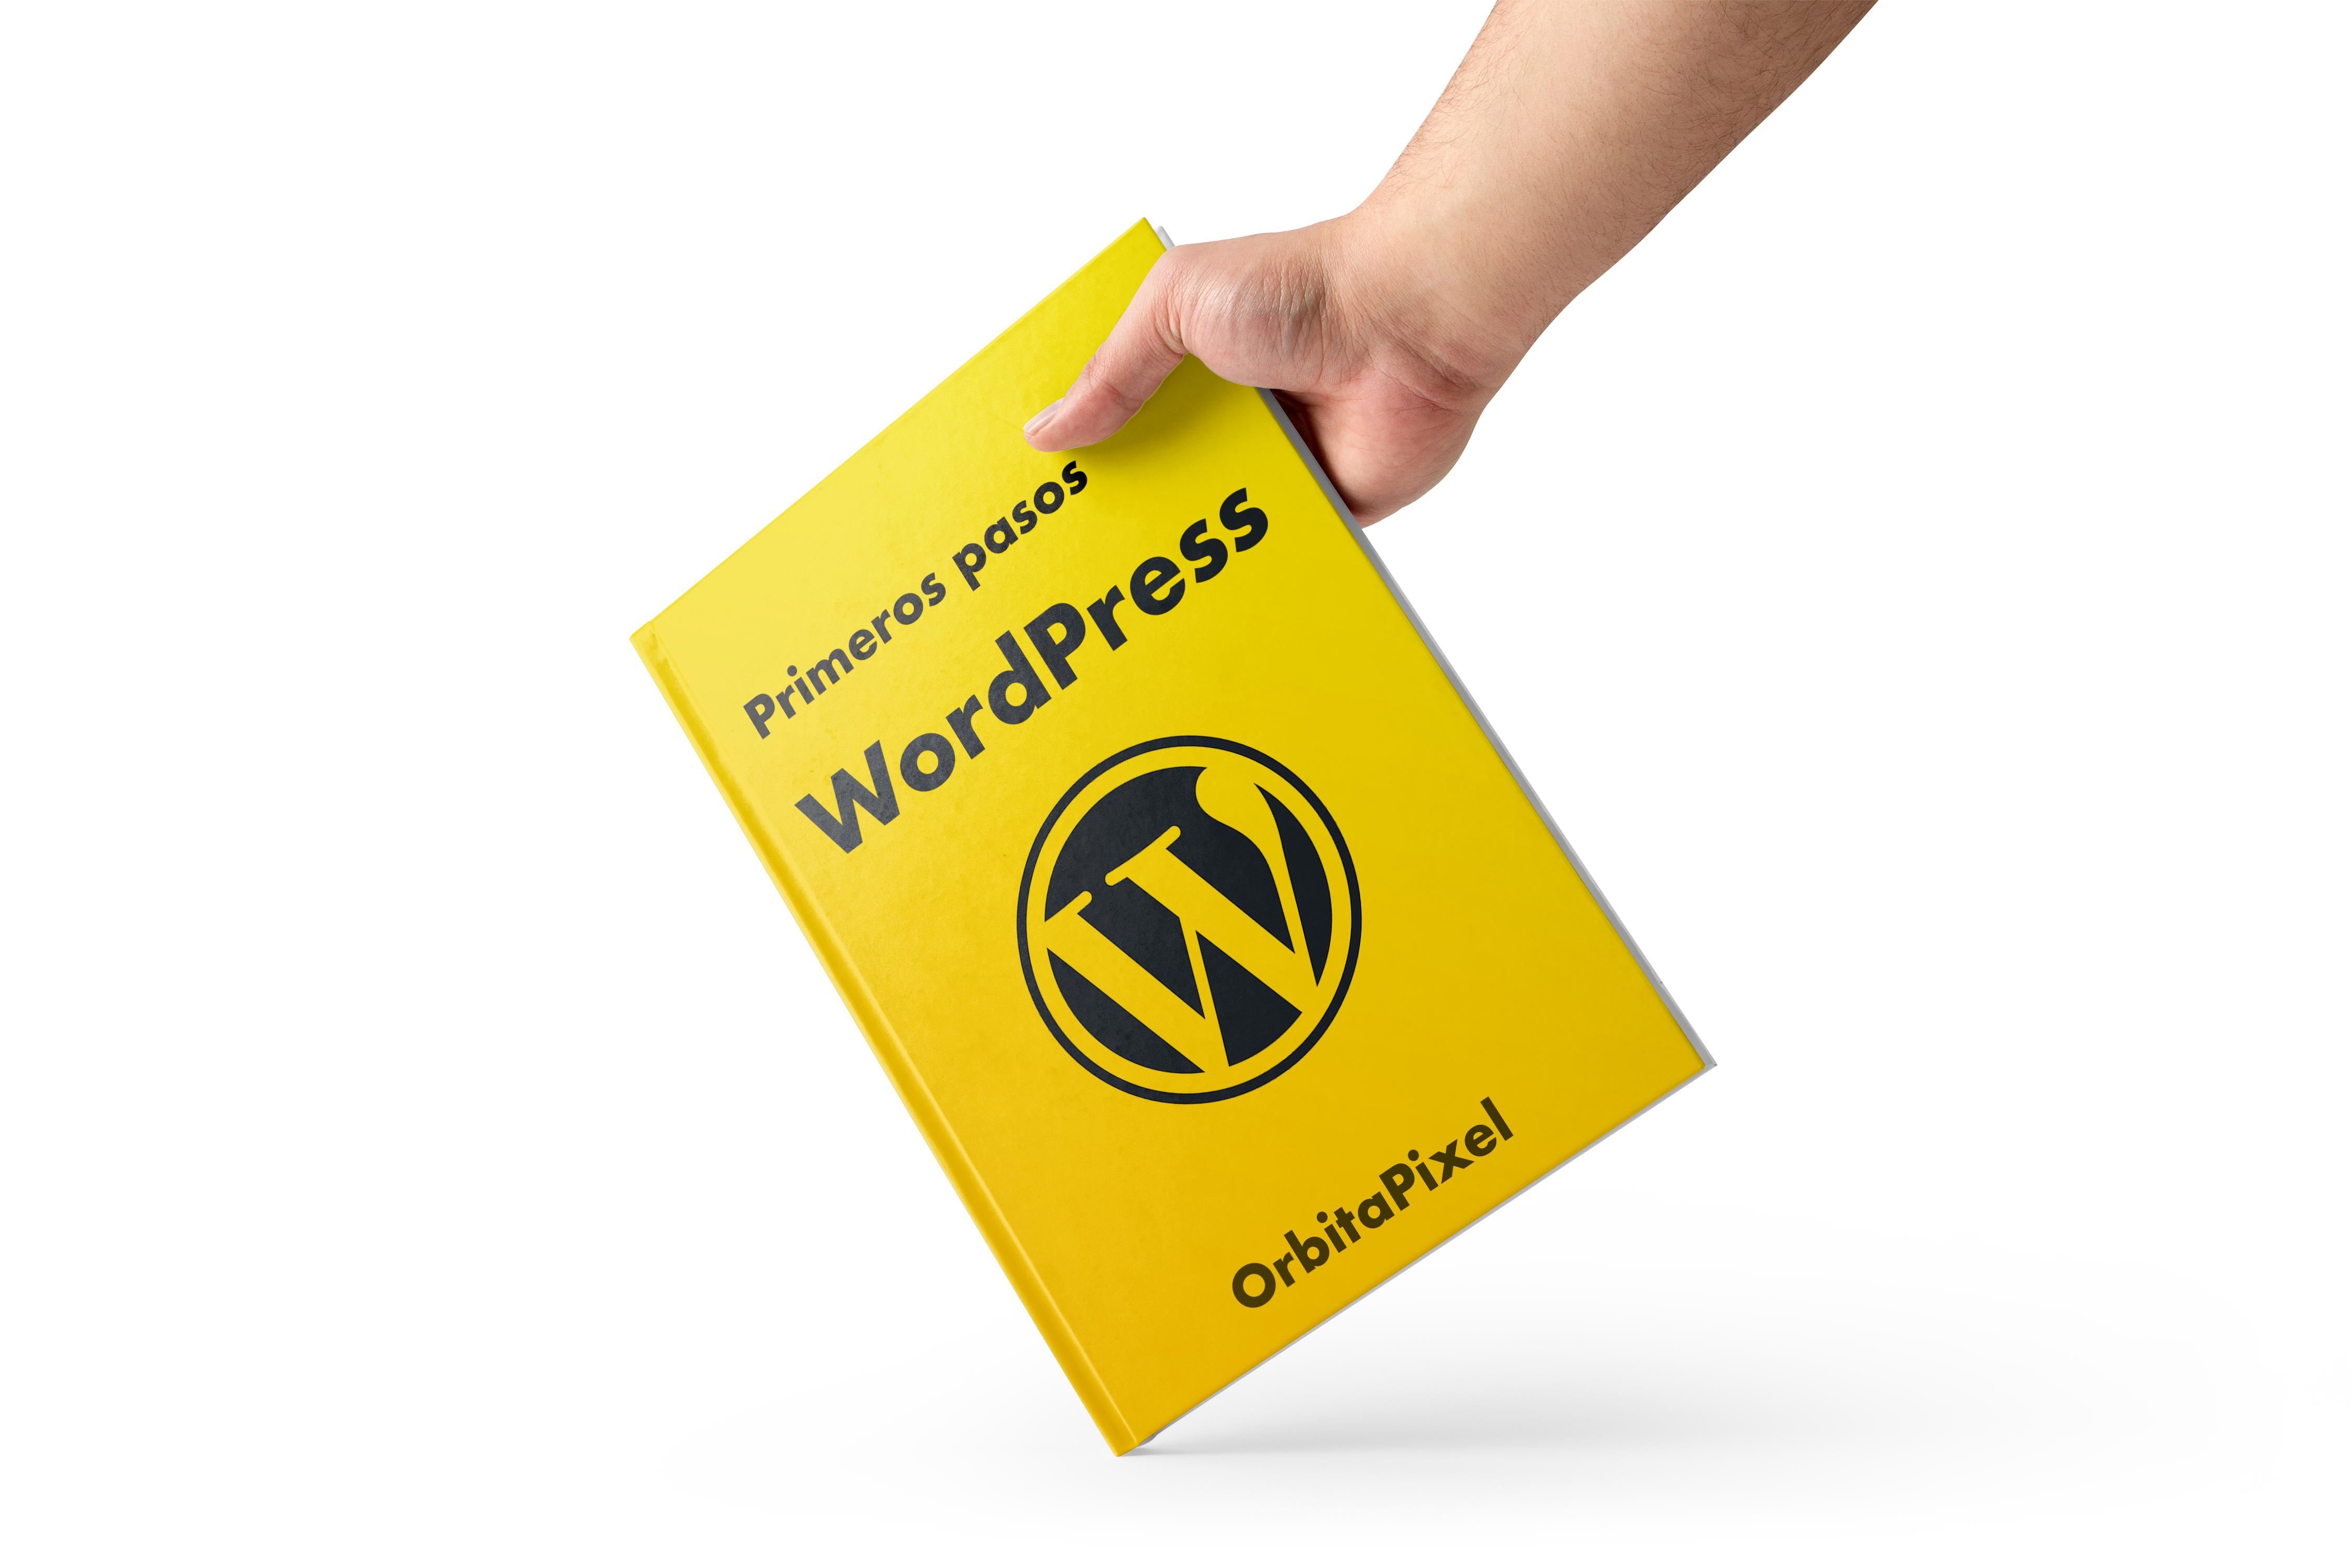 20 primeros pasos luego de instalar WordPress